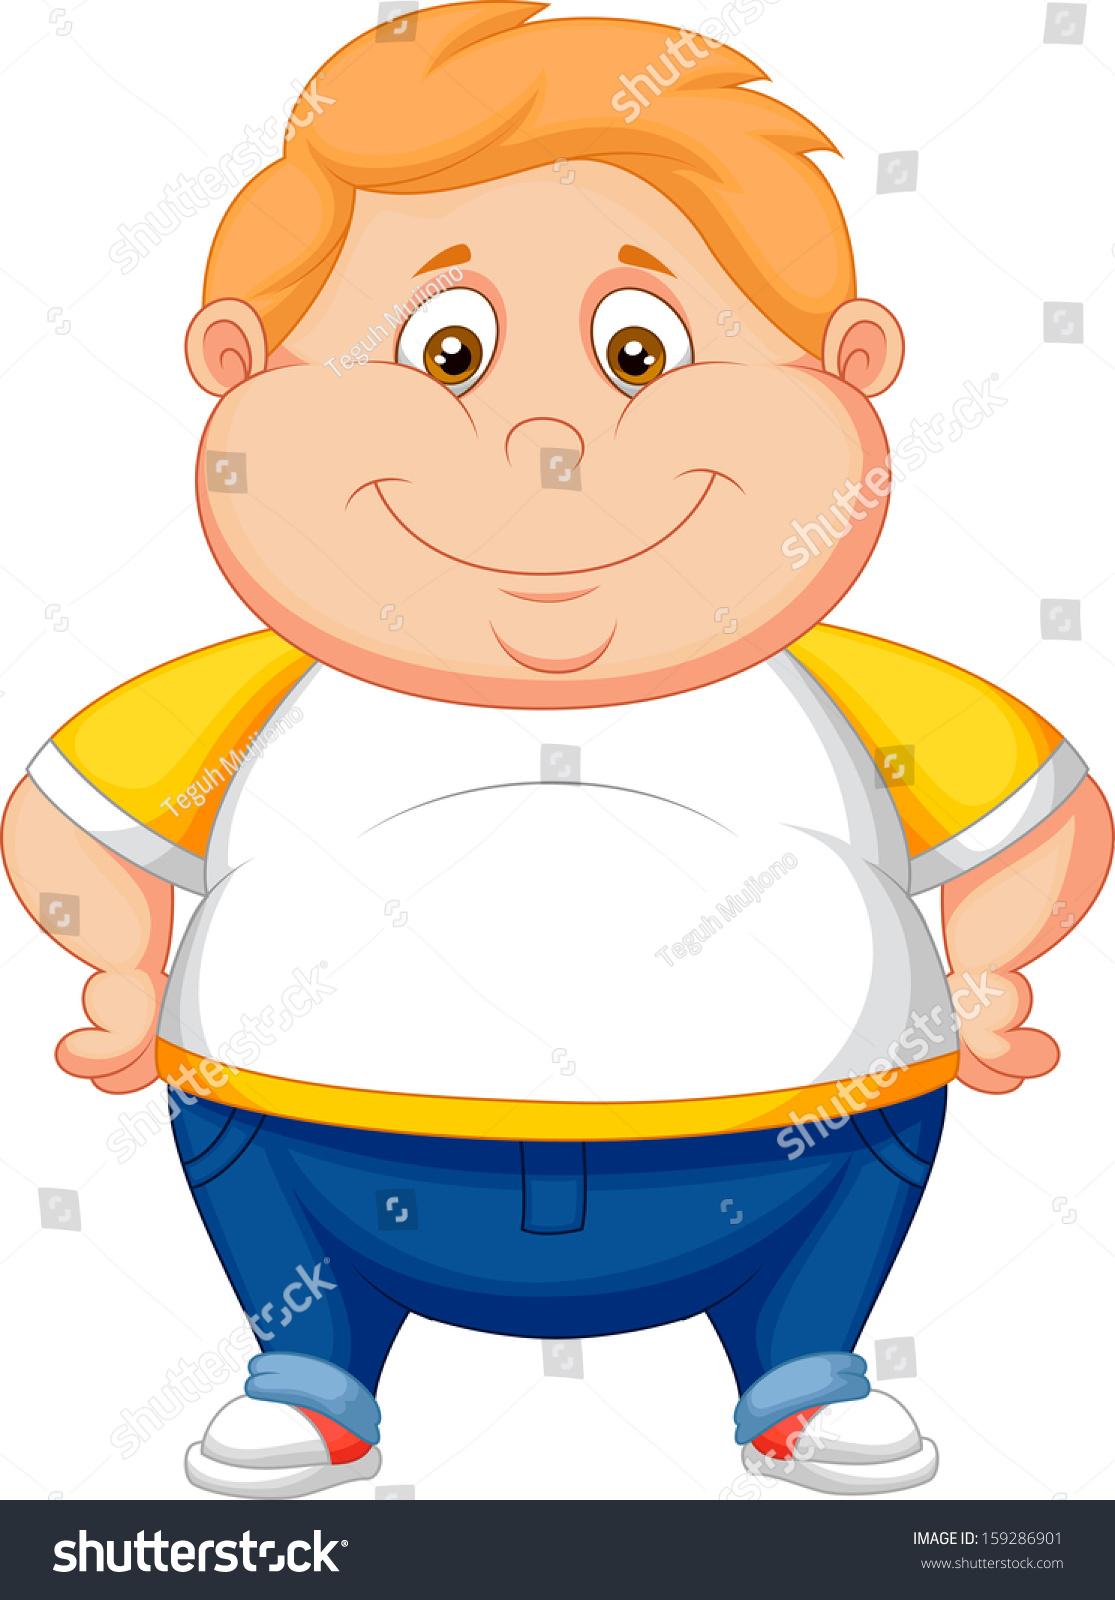 胖男孩卡通造型-人物-海洛创意(hellorf)-中国独家